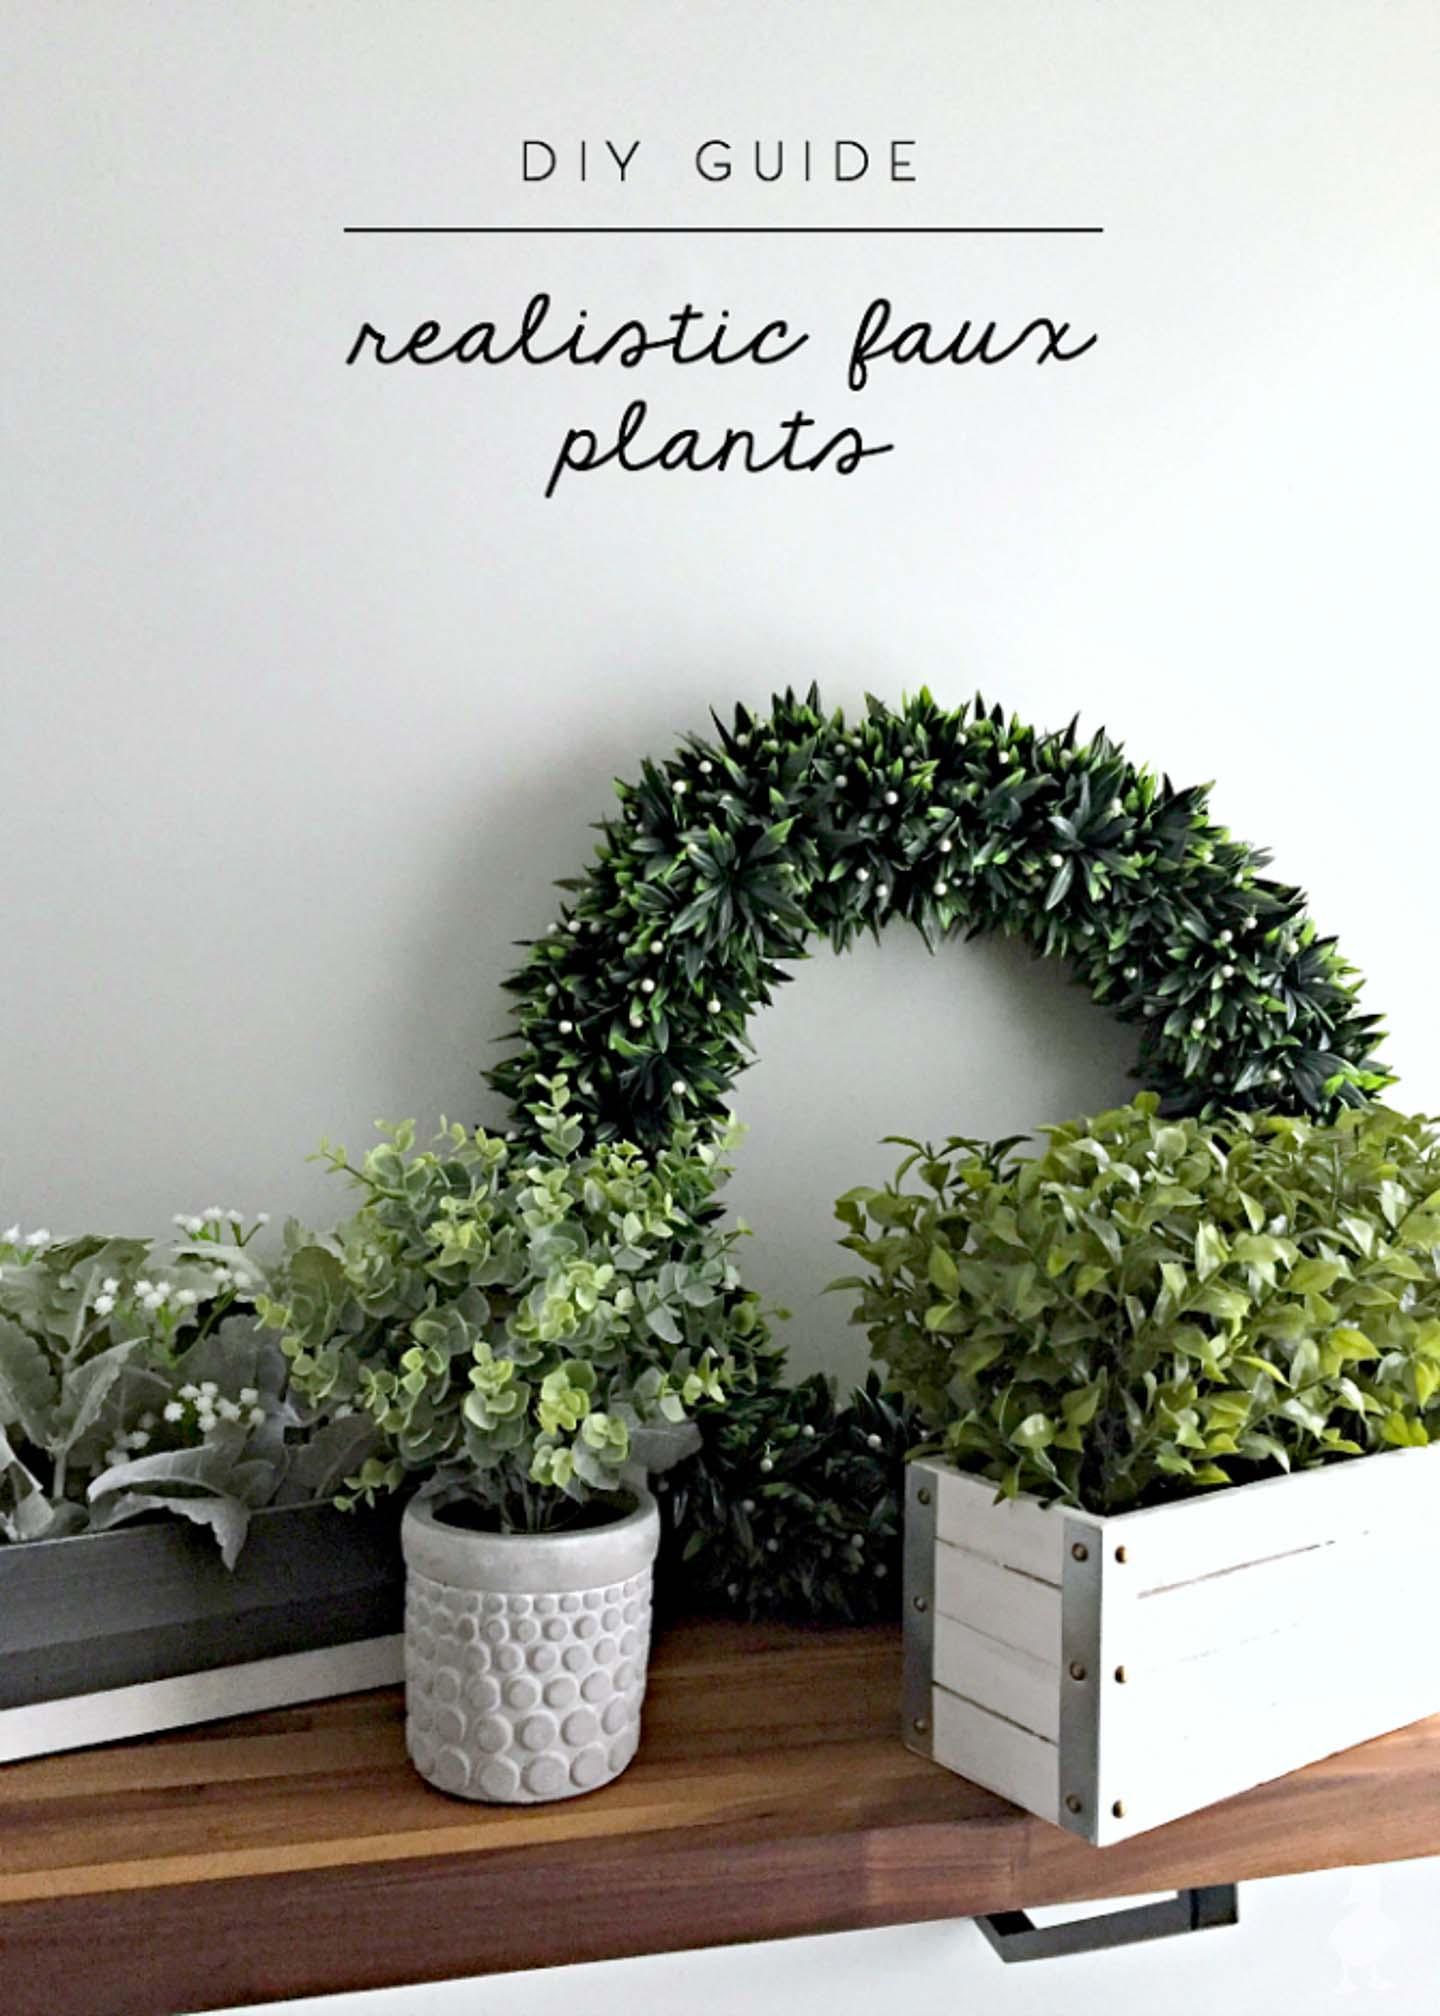 diy-guide-realistic-faux-plants-1